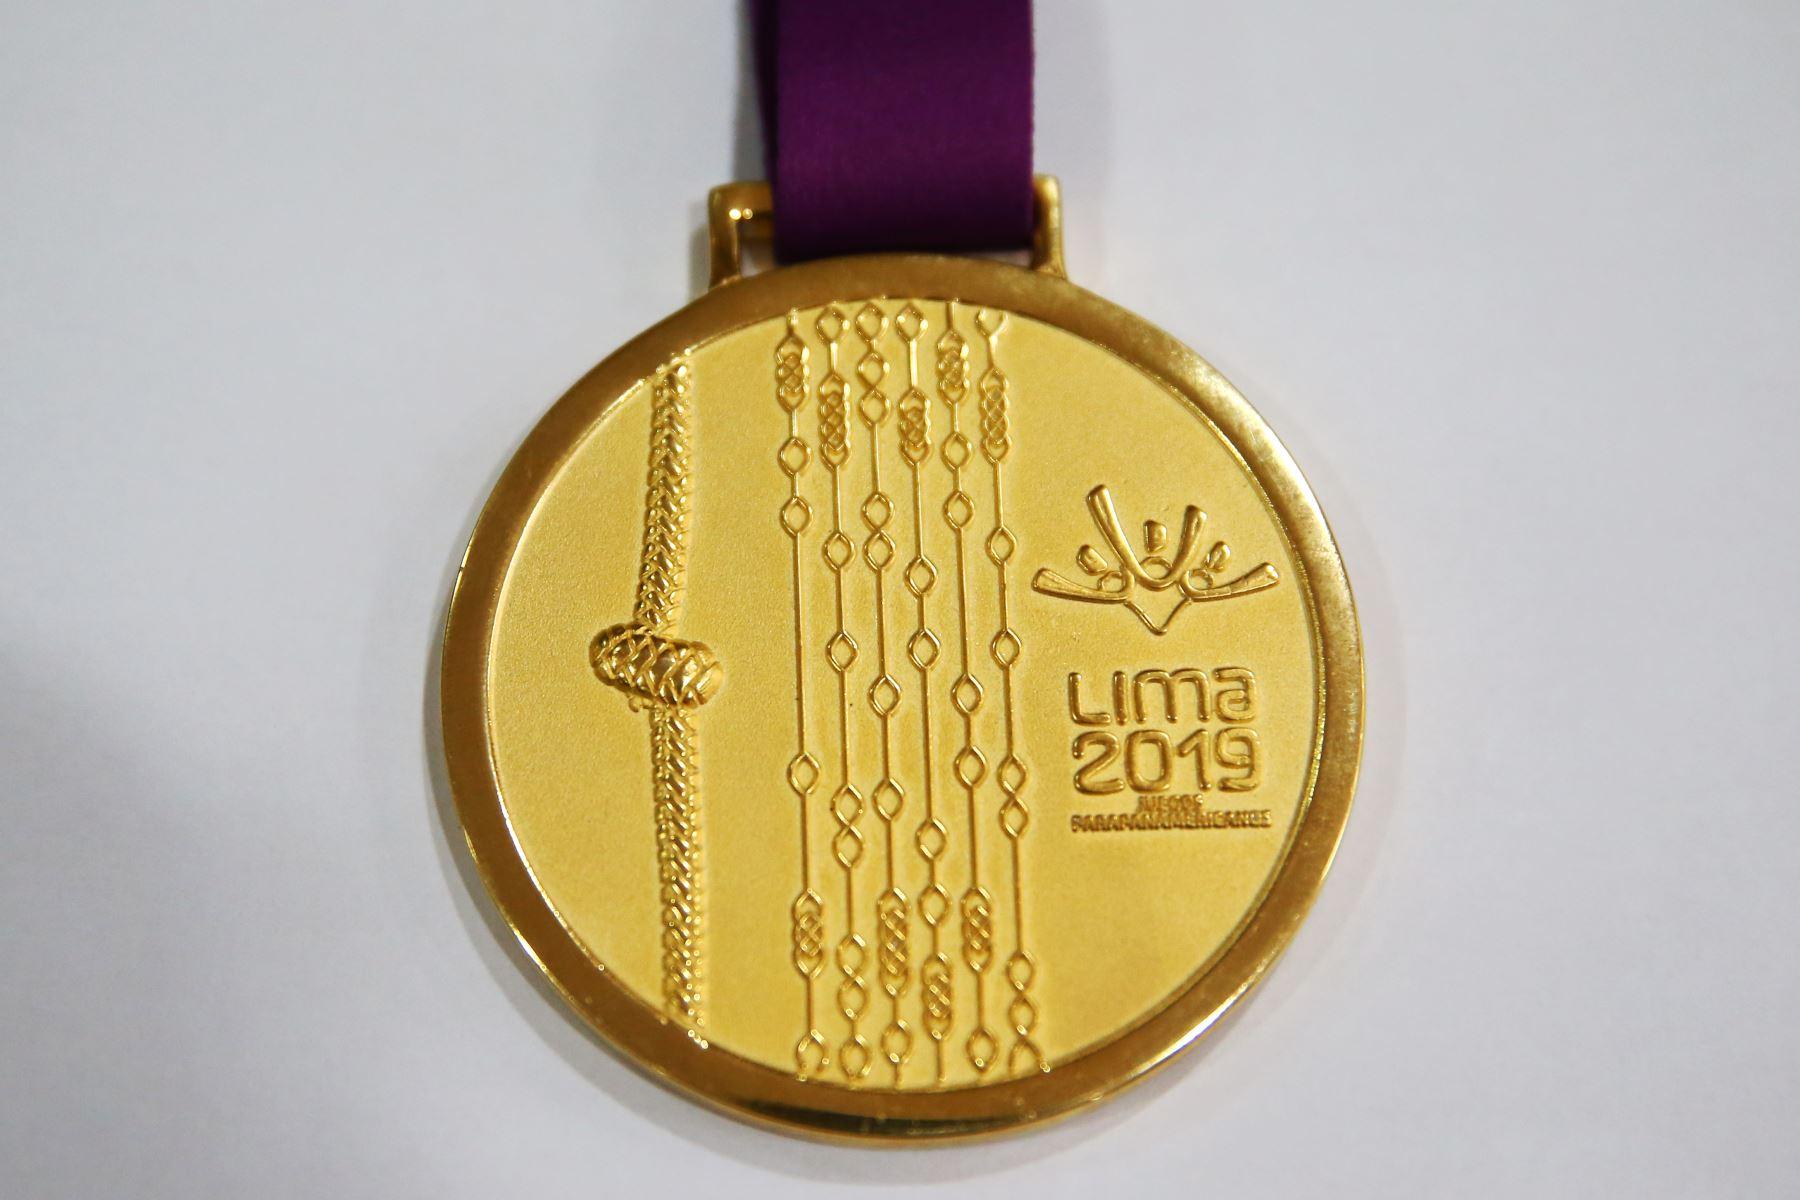 Medallas de los Juegos Panamericanos y Parapanamericanos Lima 2019. Foto: ANDINA/Melina Mejía